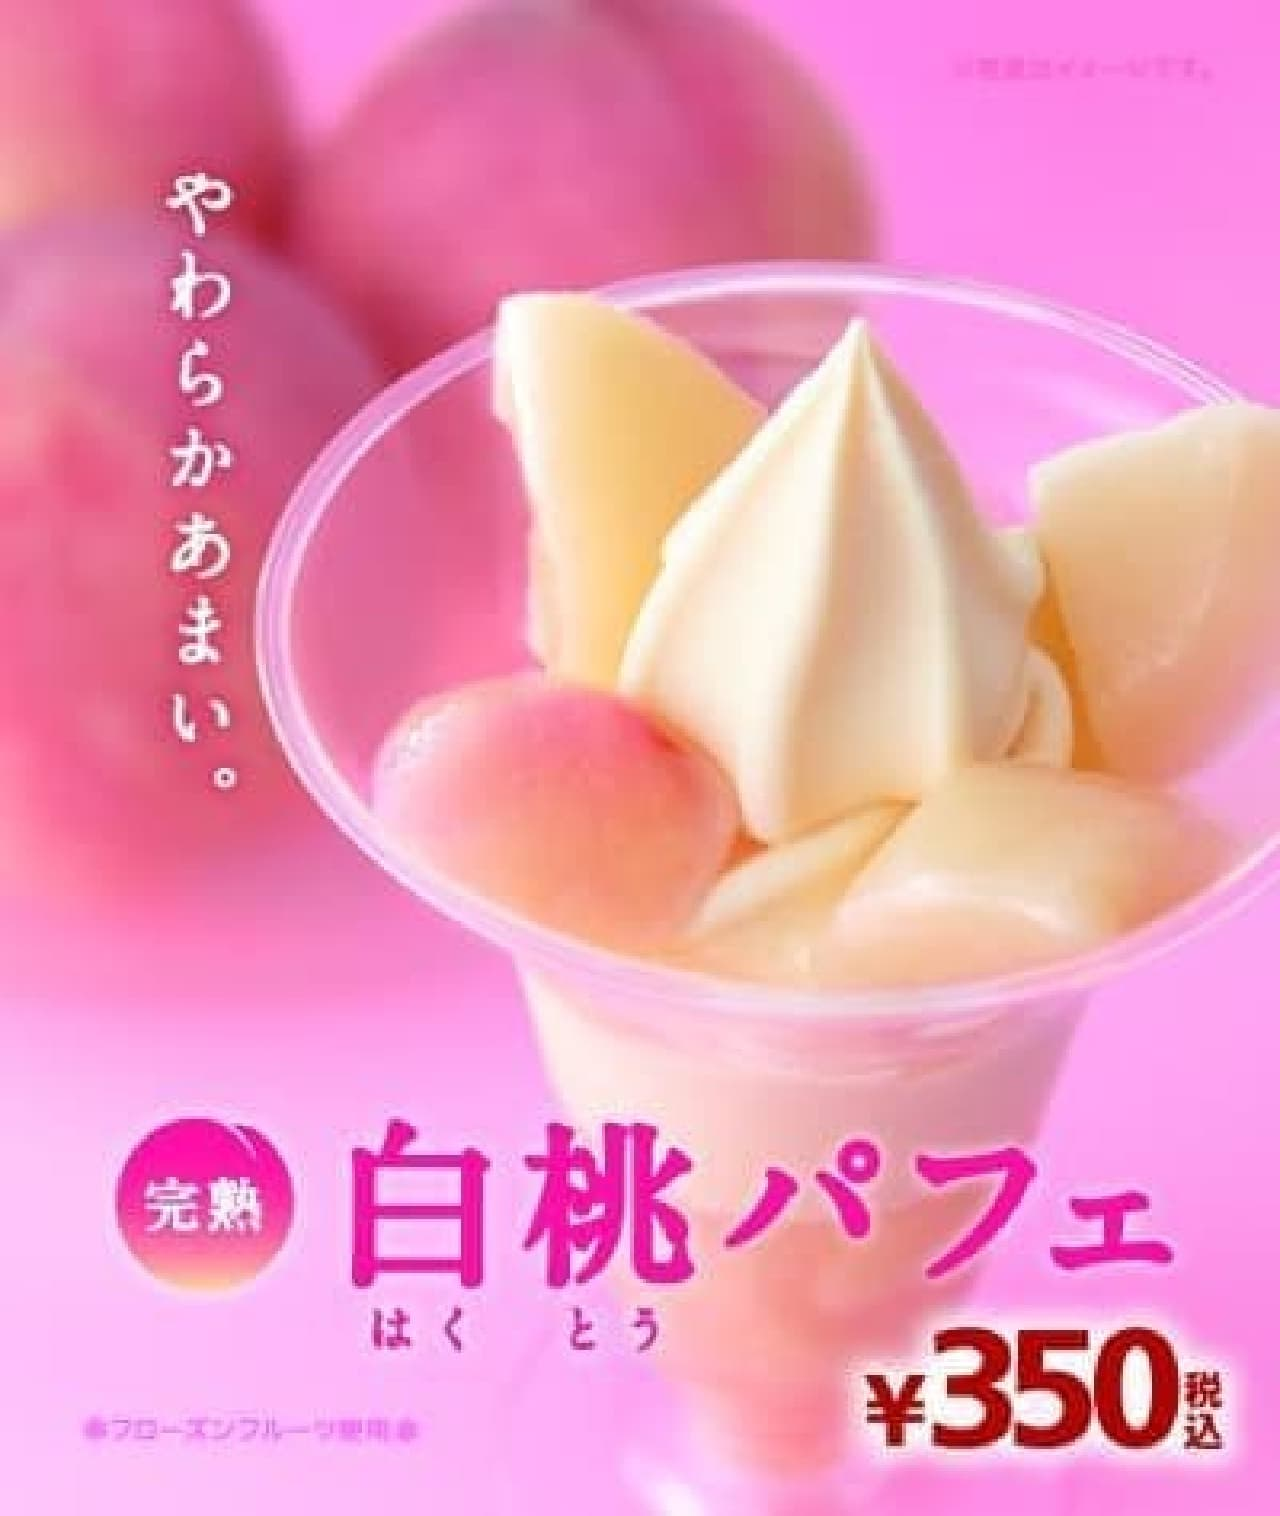 とろける甘さの白桃がたっぷり